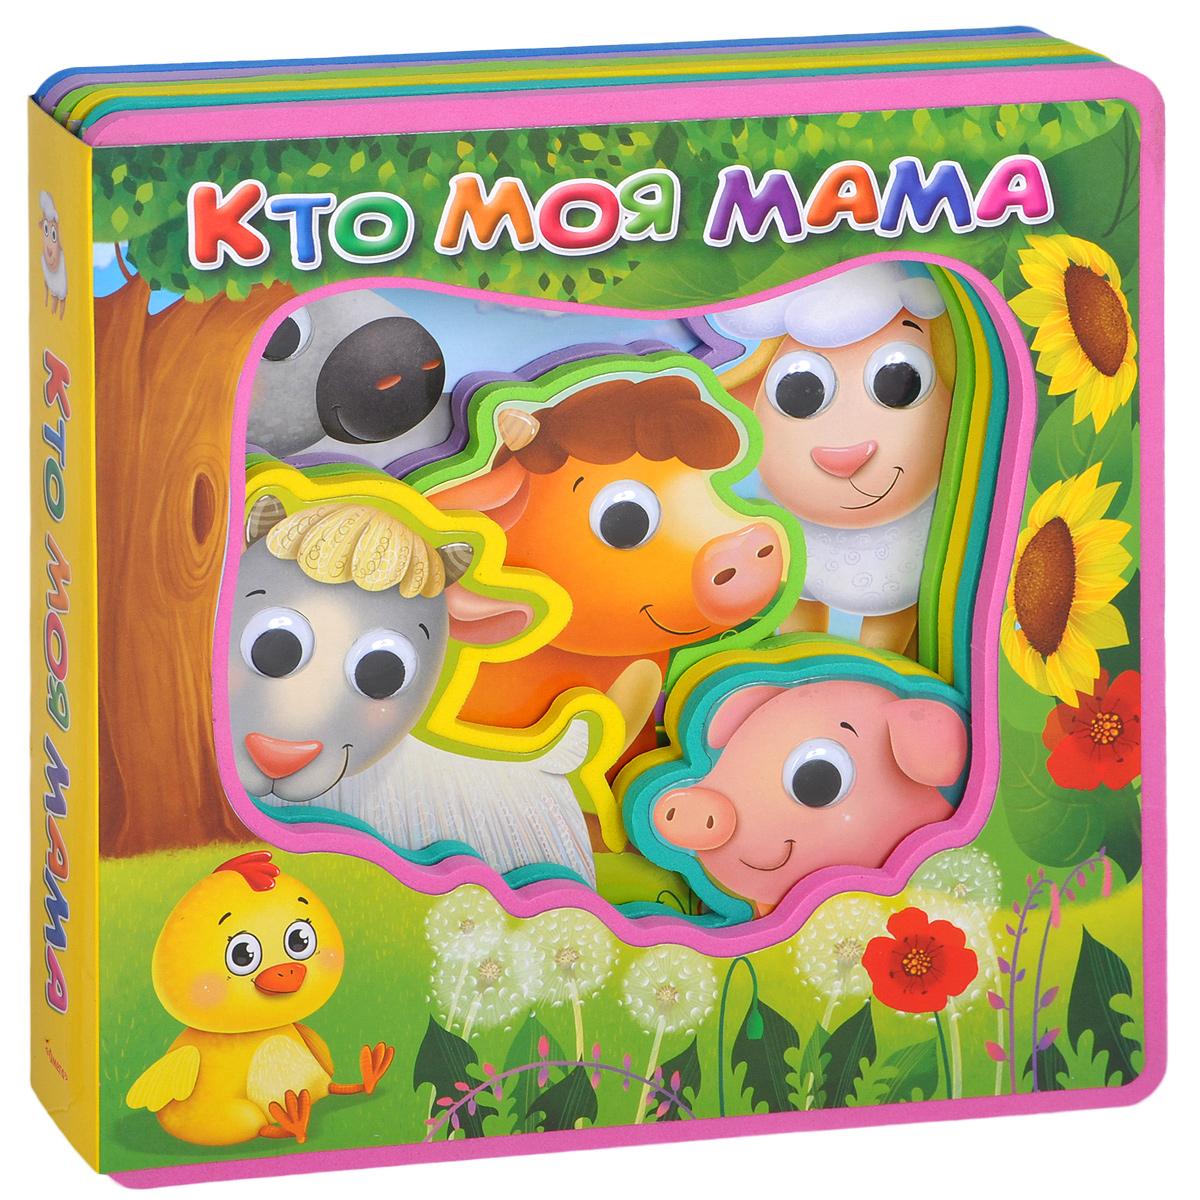 И. Шестаков Кто моя мама. Книжка-игрушка какой велик годовалому малышу